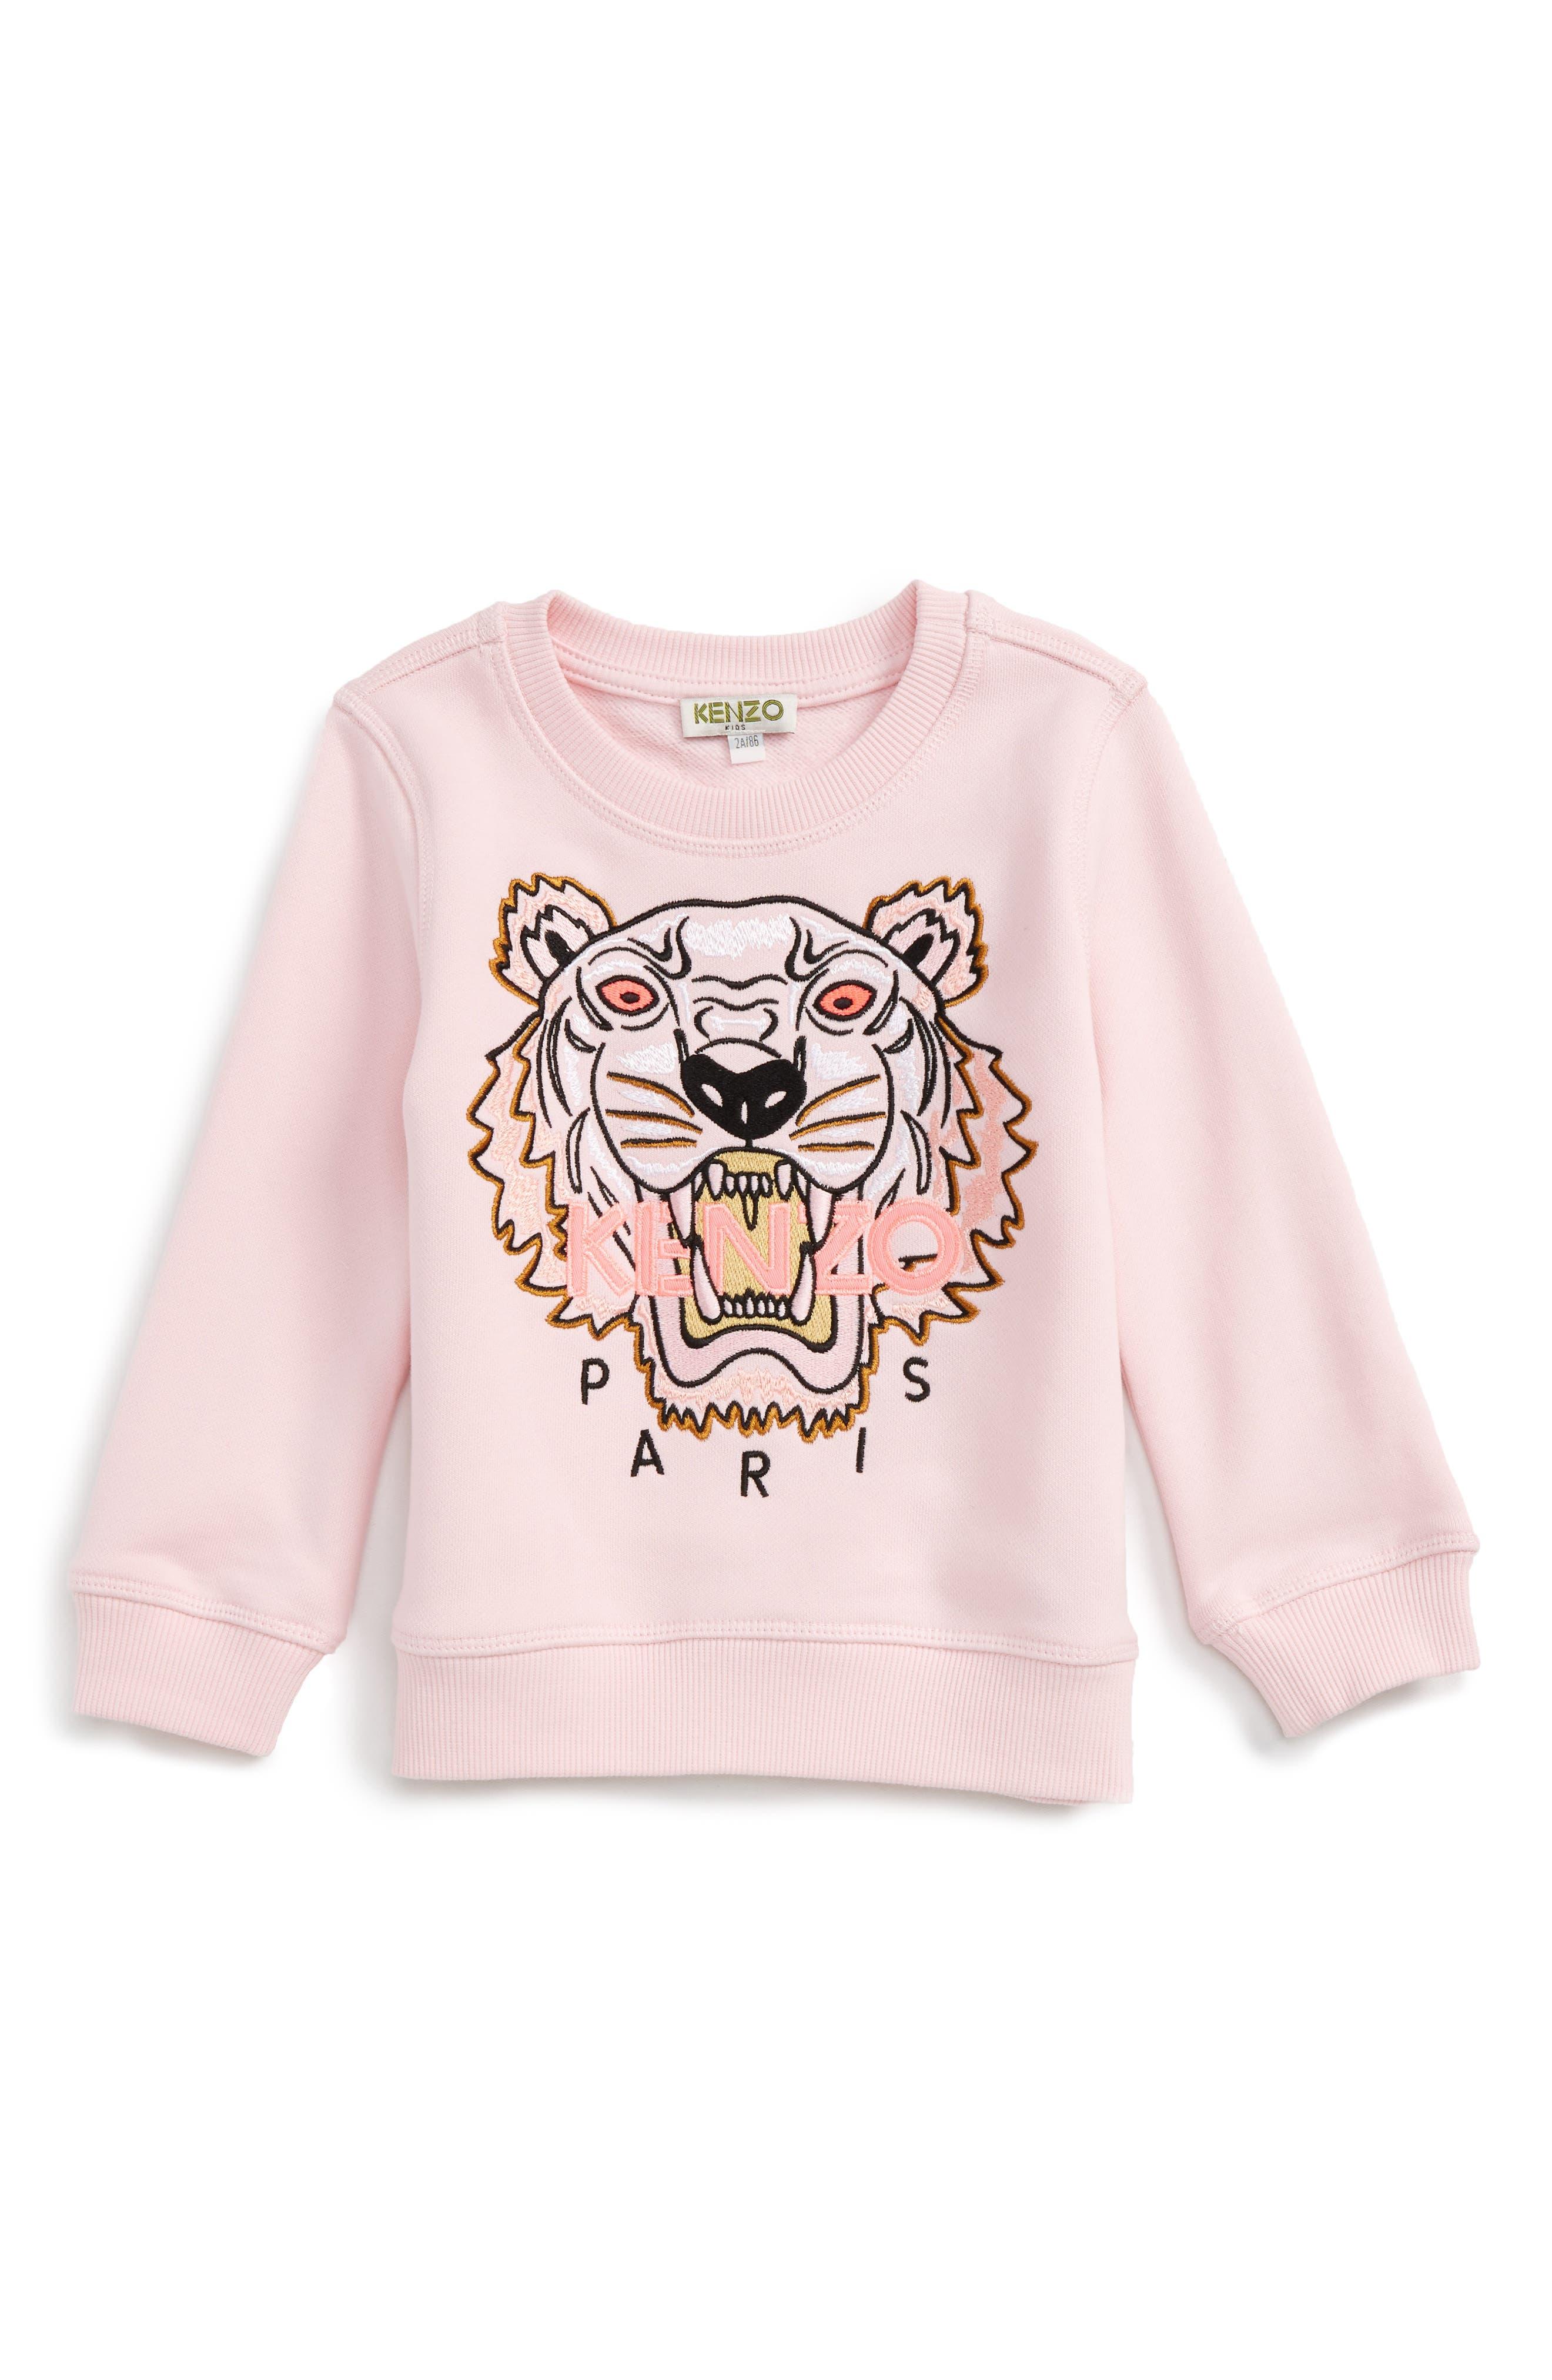 Main Image - KENZO Tiger Sweatshirt (Toddler Girls, Little Girls & Big Girls)